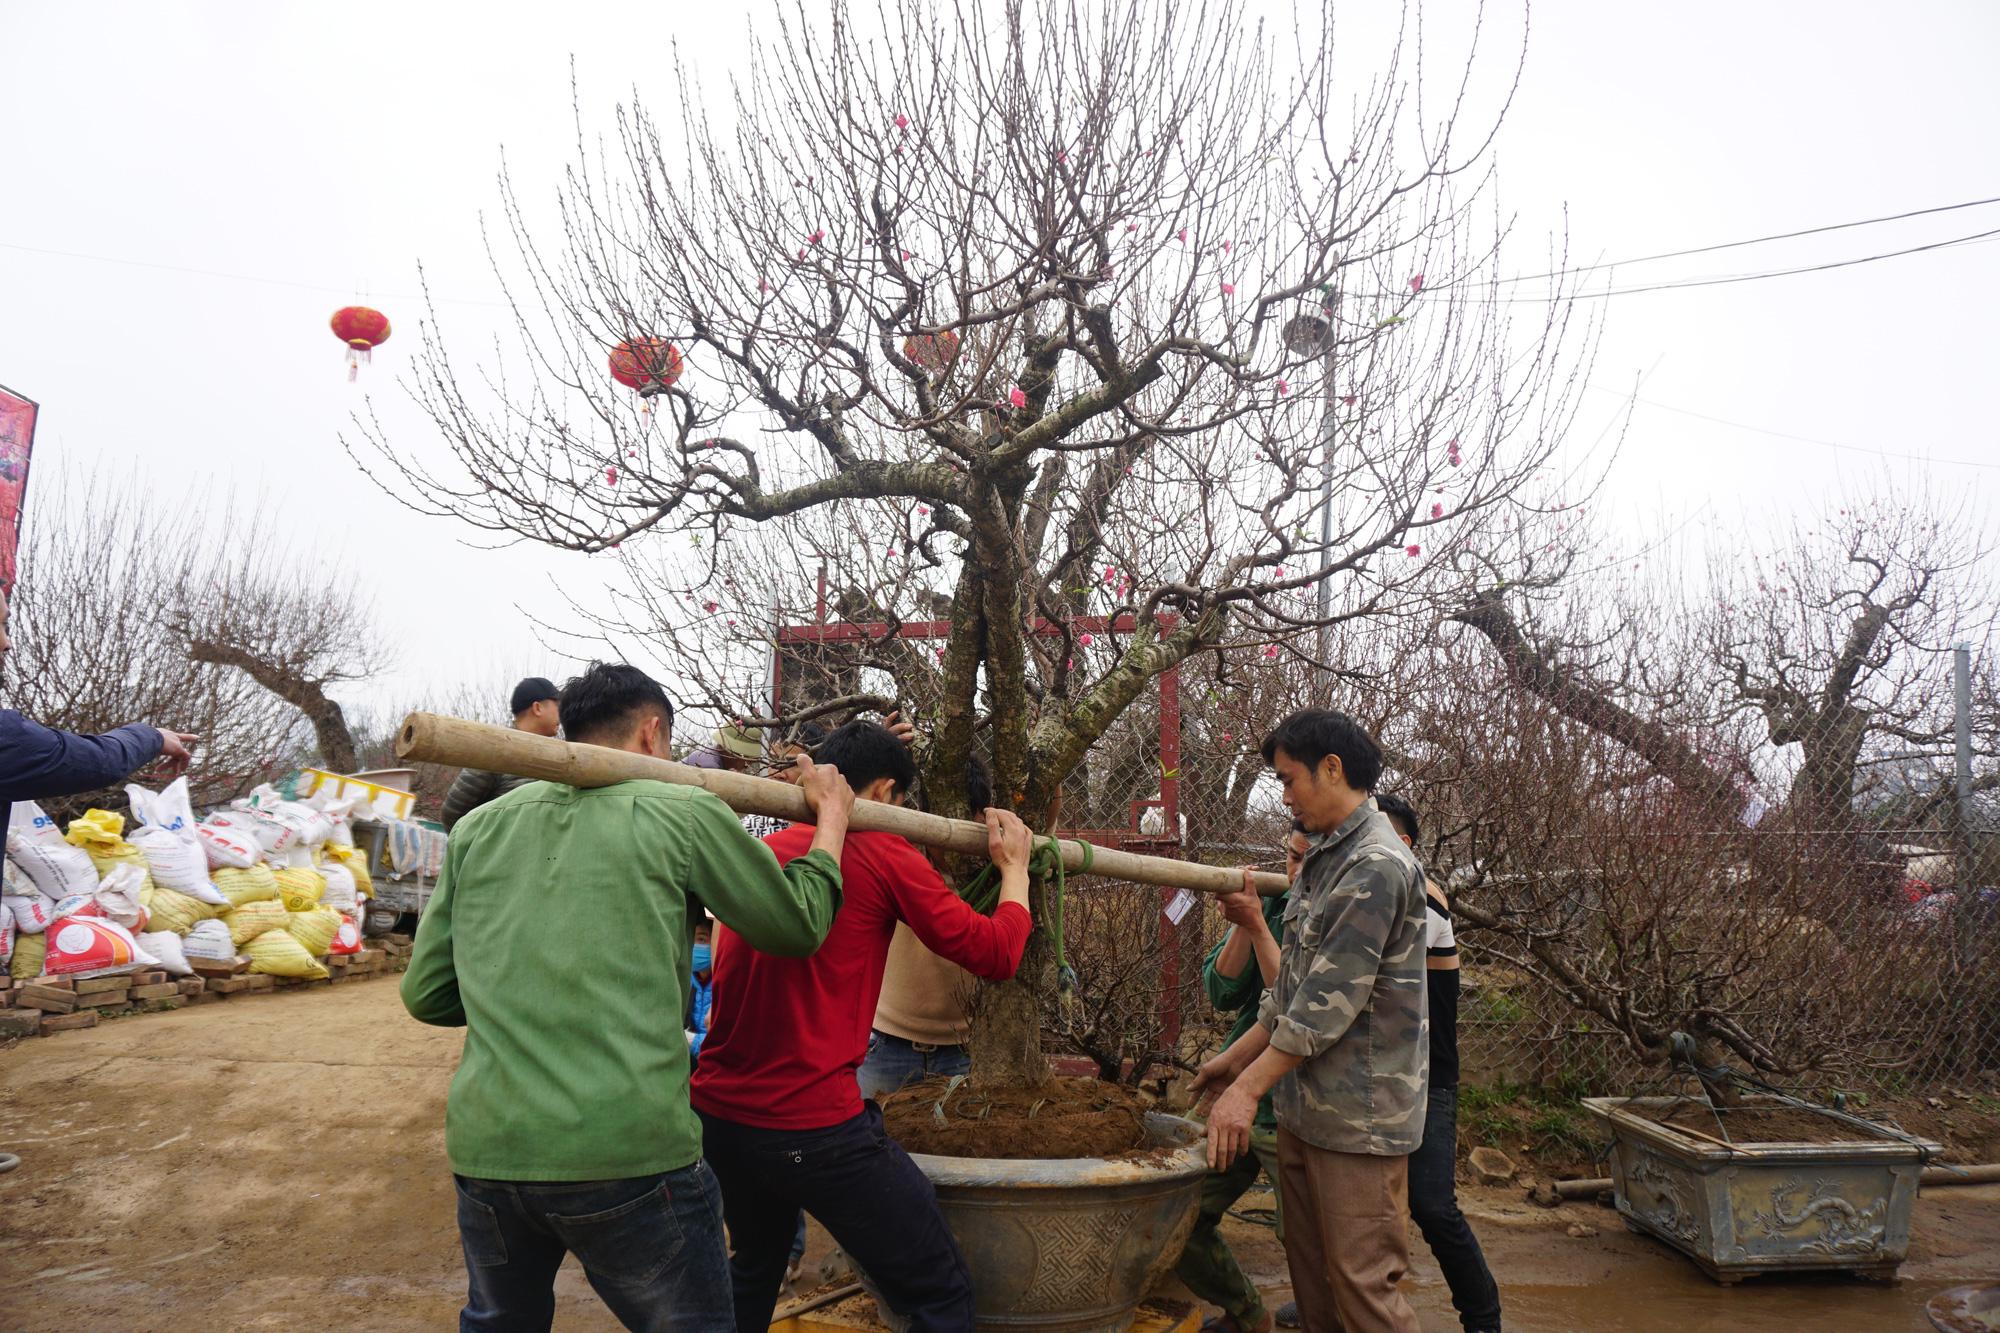 """Hà Nội: Đào Nhật Tân hàng chục năm tuổi được """"săn đón gắt gao"""", có người ngã giá cả trăm triệu về trưng Tết - Ảnh 3."""